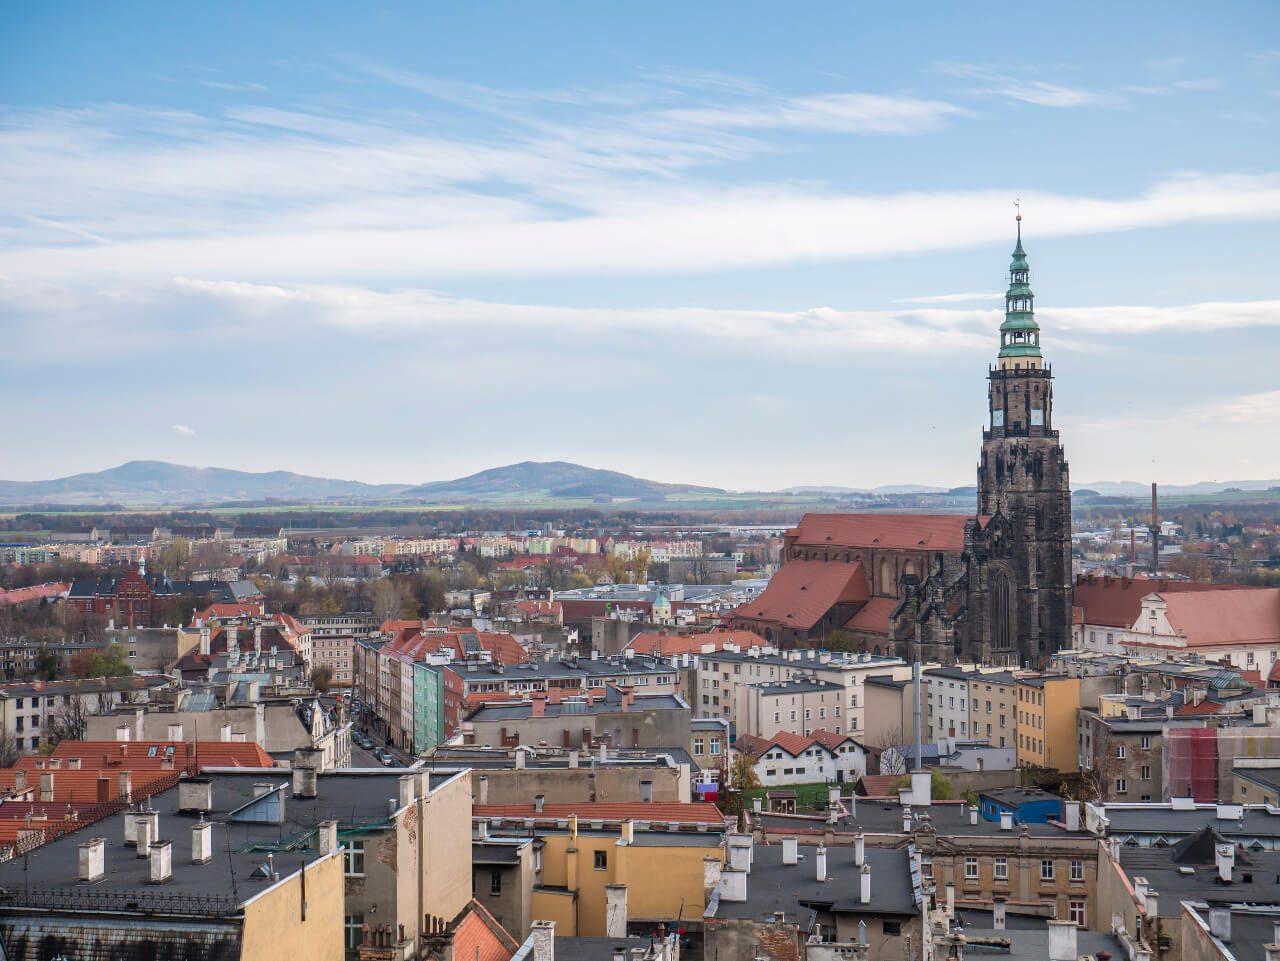 Widok z wieży widokowej w Świdnicy